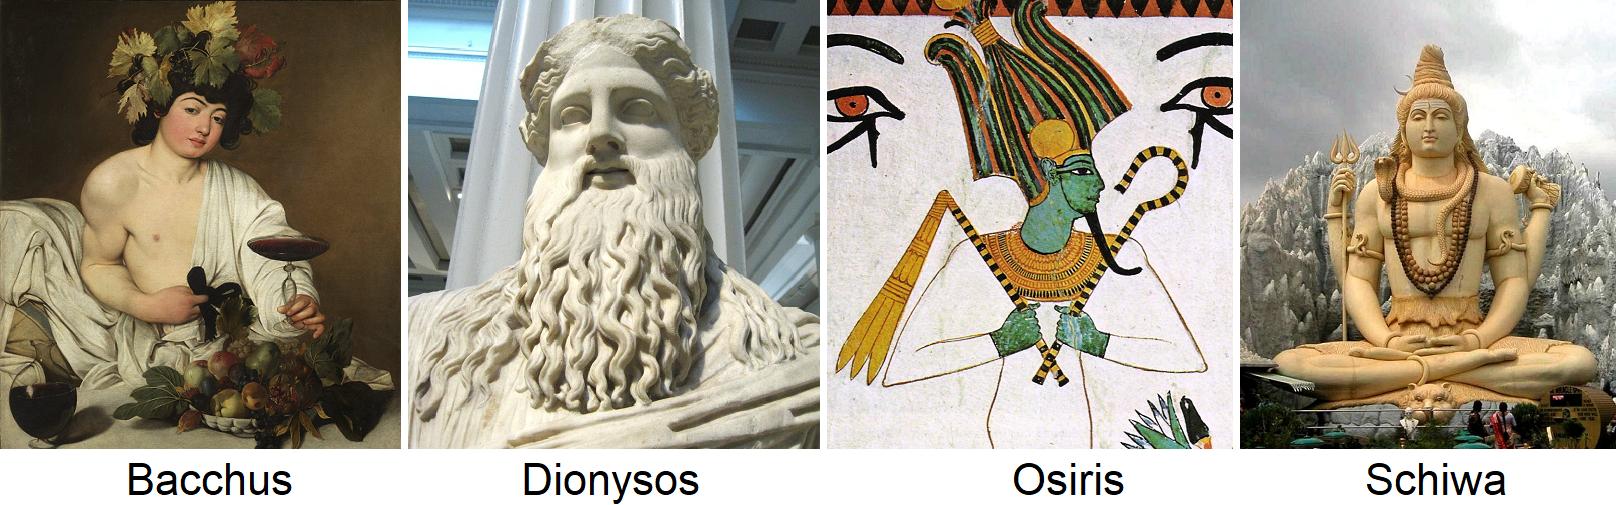 Weingötter - Bacchus, Dionysos, Osiris, Schiwa